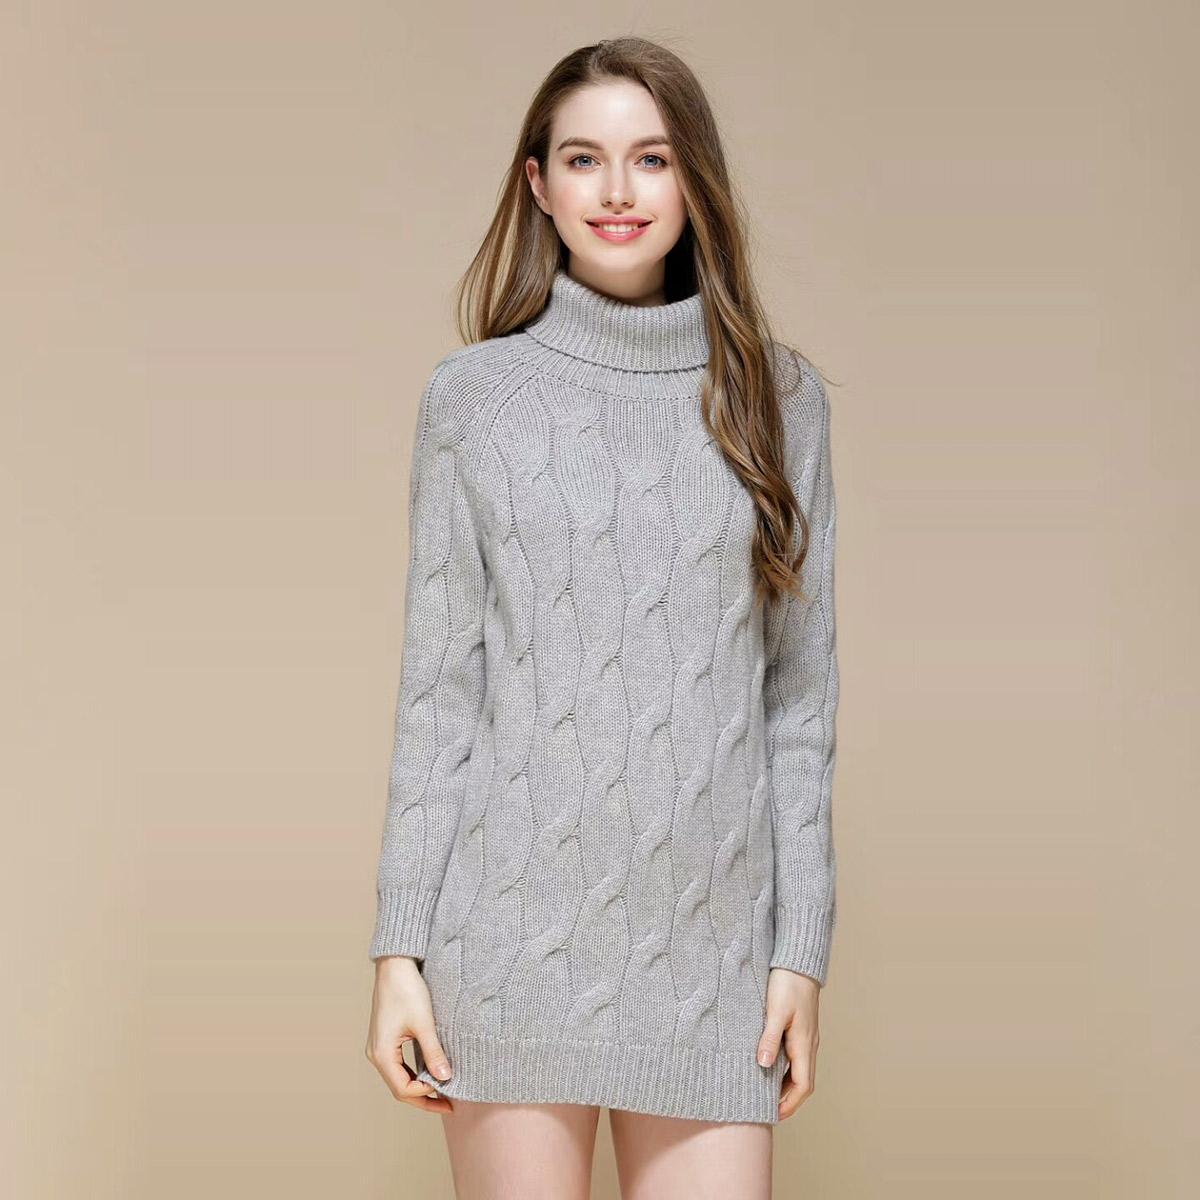 内蒙古纯羊绒连衣裙女式插肩袖中长款显瘦慵懒加厚毛衣韩版新品